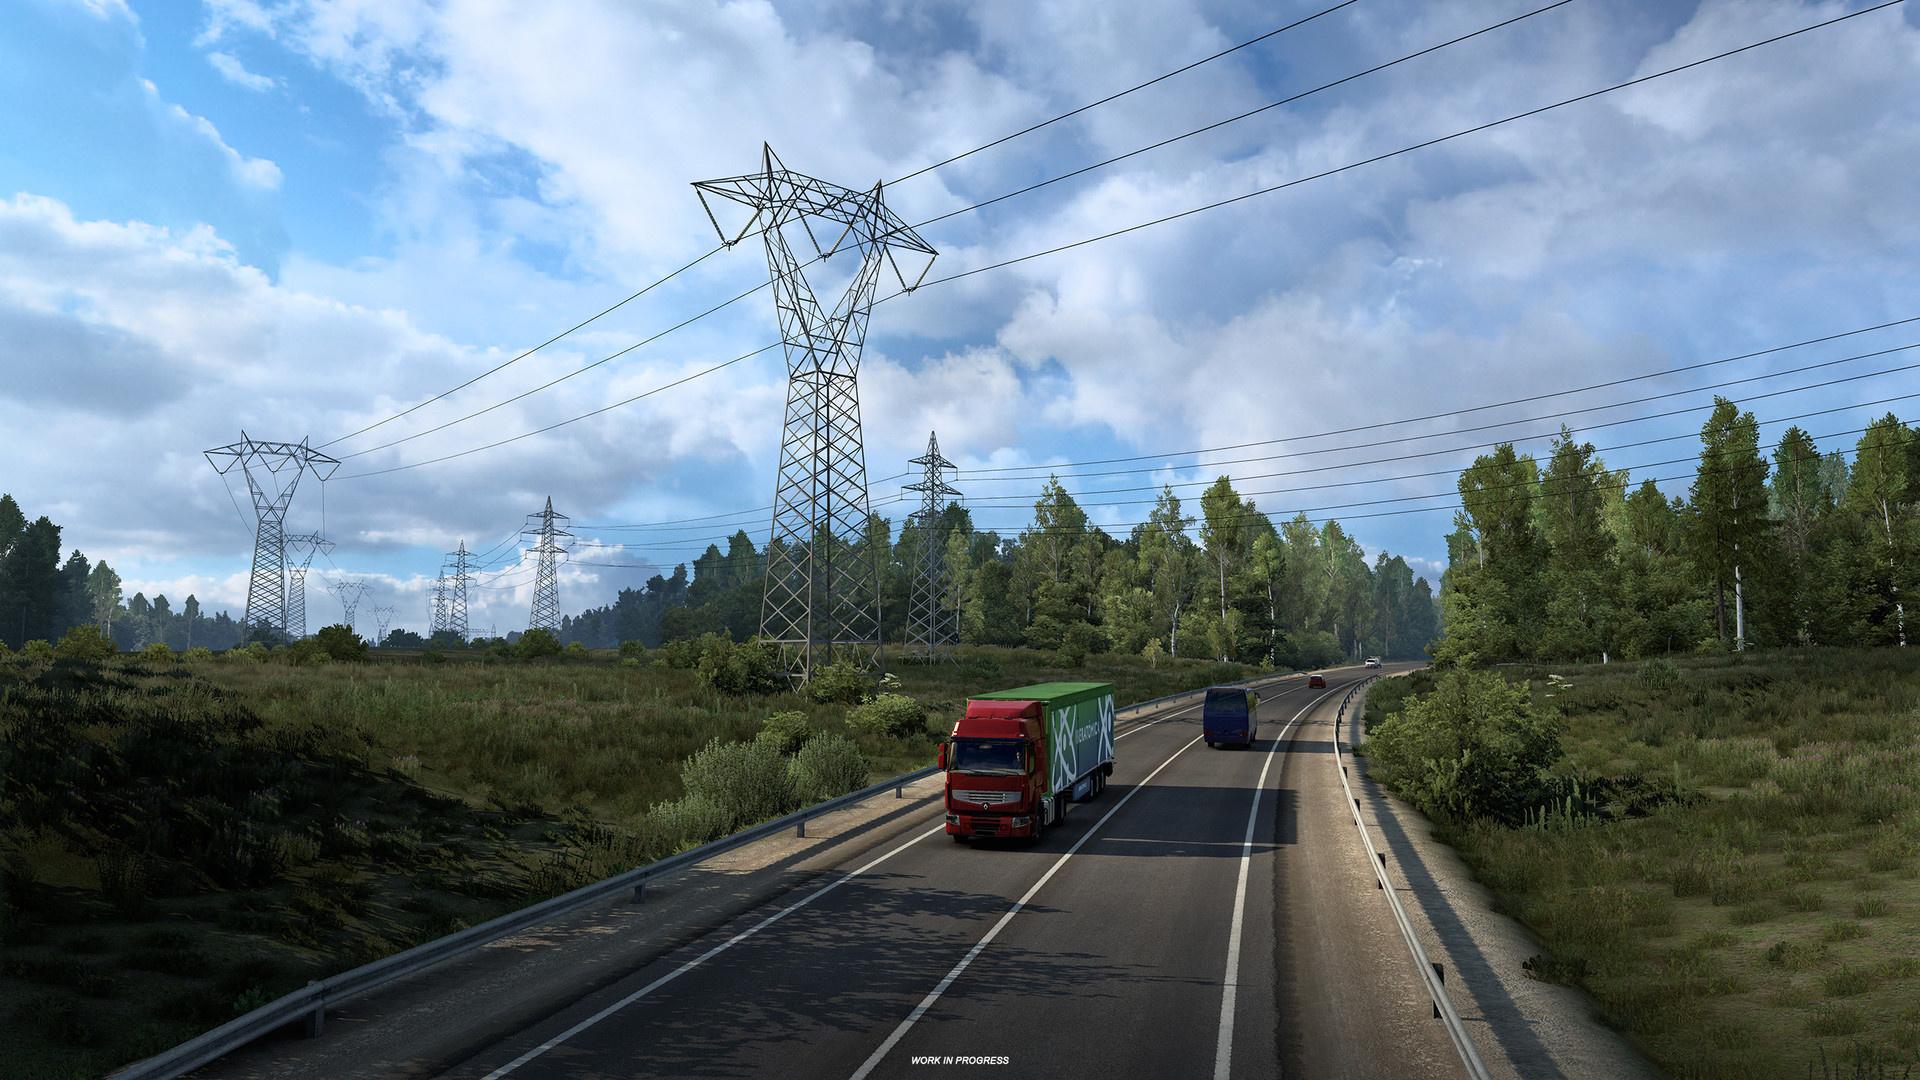 В симулятор дальнобойщика добавят маршруты по России